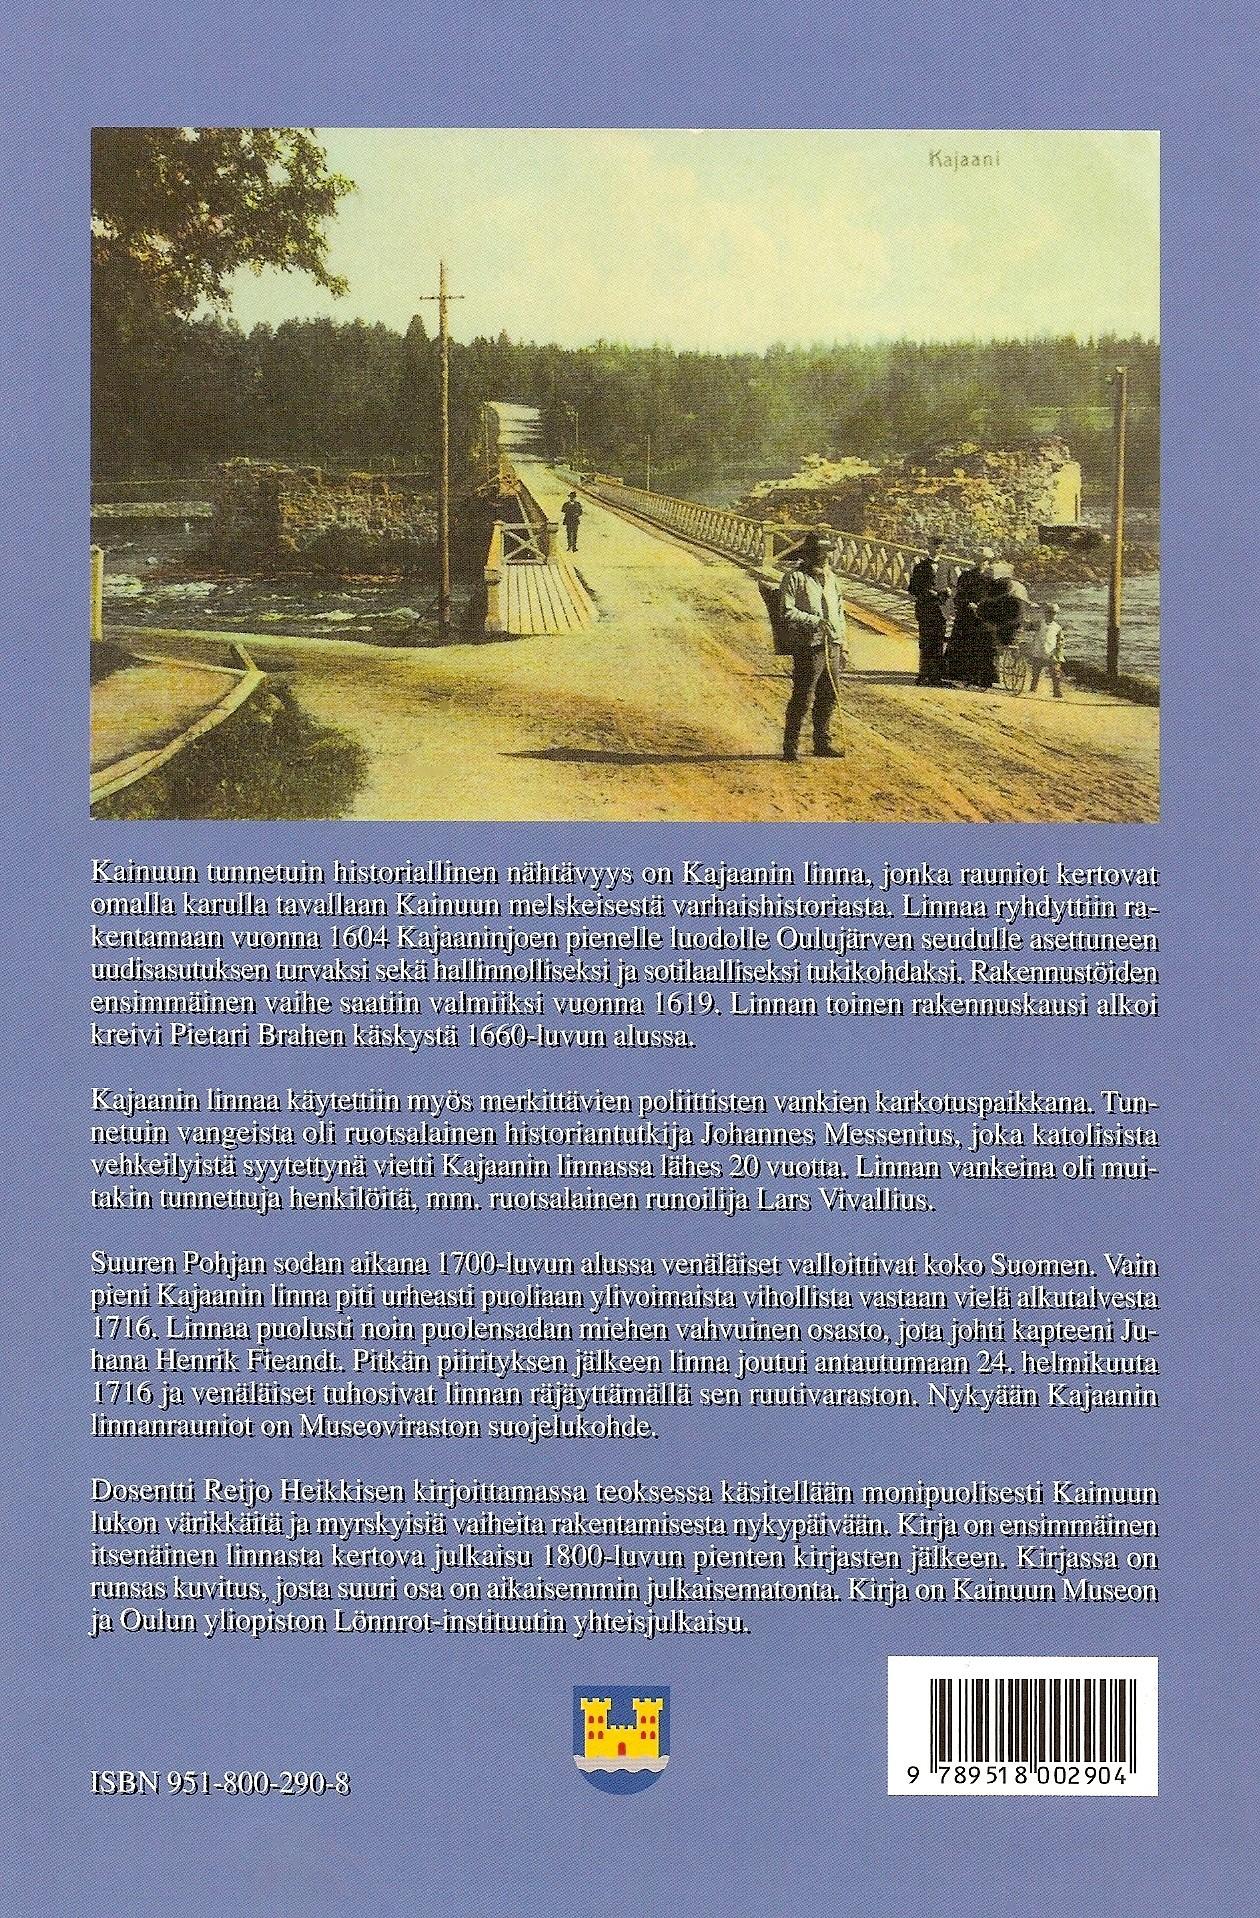 Kajaanin linna - Västinki vuosisatojen virrassa 2004 takakansi